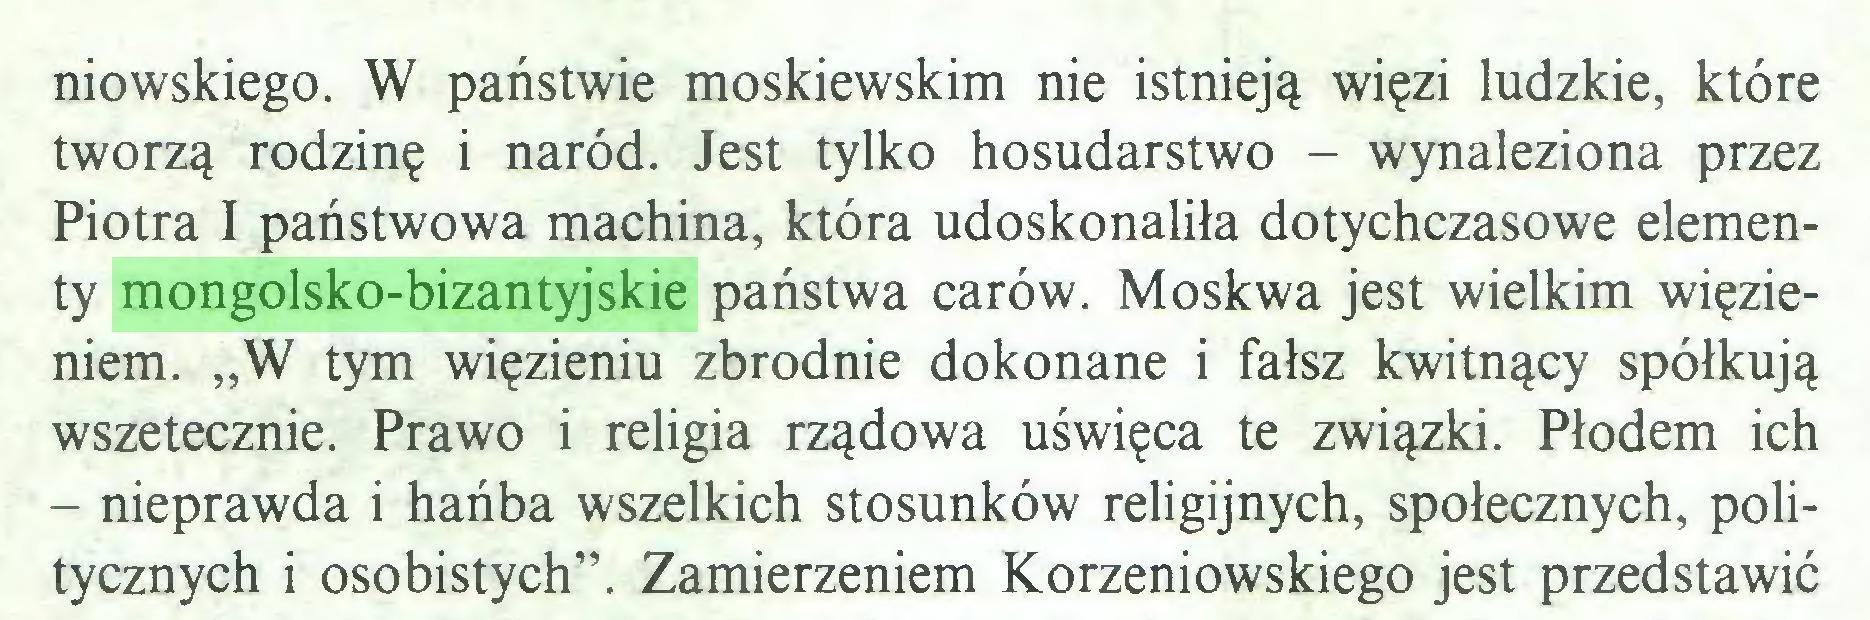 """(...) niowskiego. W państwie moskiewskim nie istnieją więzi ludzkie, które tworzą rodzinę i naród. Jest tylko hosudarstwo - wynaleziona przez Piotra I państwowa machina, która udoskonaliła dotychczasowe elementy mongolsko-bizantyjskie państwa carów. Moskwa jest wielkim więzieniem. """"W tym więzieniu zbrodnie dokonane i fałsz kwitnący spółkują wszetecznie. Prawo i religia rządowa uświęca te związki. Płodem ich - nieprawda i hańba wszelkich stosunków religijnych, społecznych, politycznych i osobistych"""". Zamierzeniem Korzeniowskiego jest przedstawić..."""